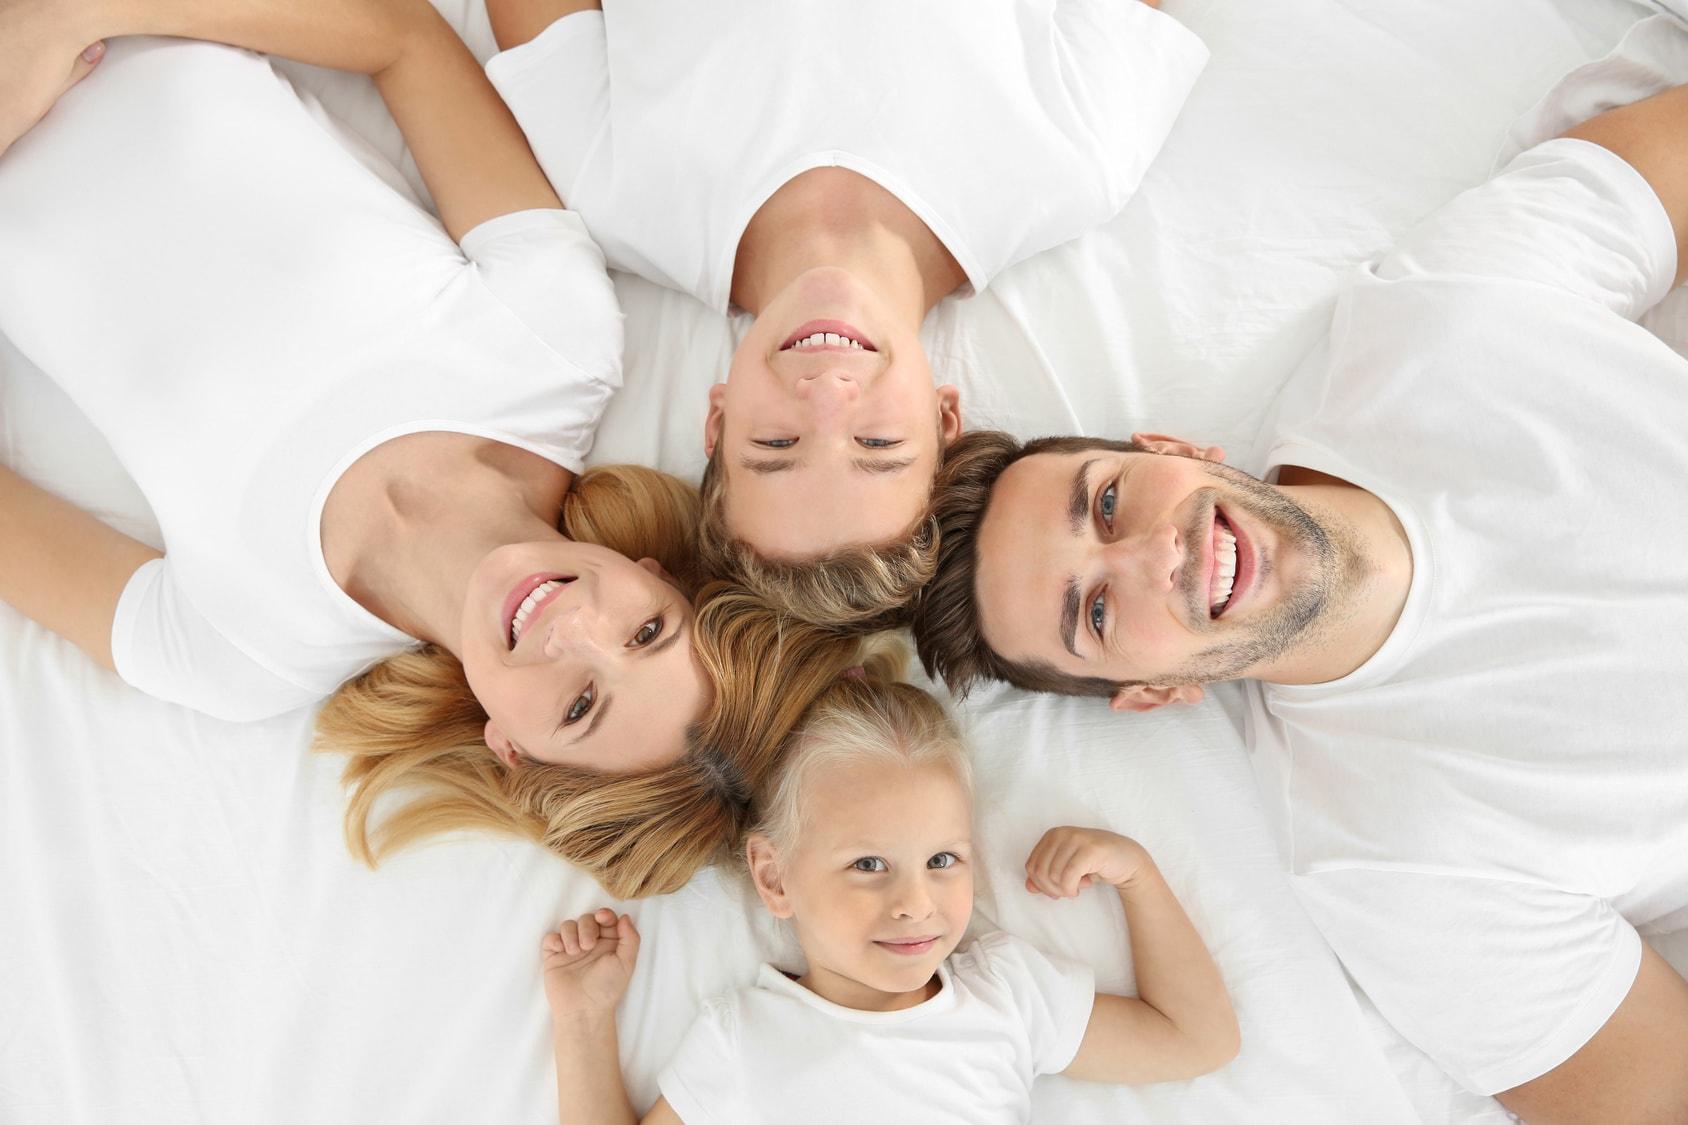 Dobry stomatolog rodzinny Bielawa okolice